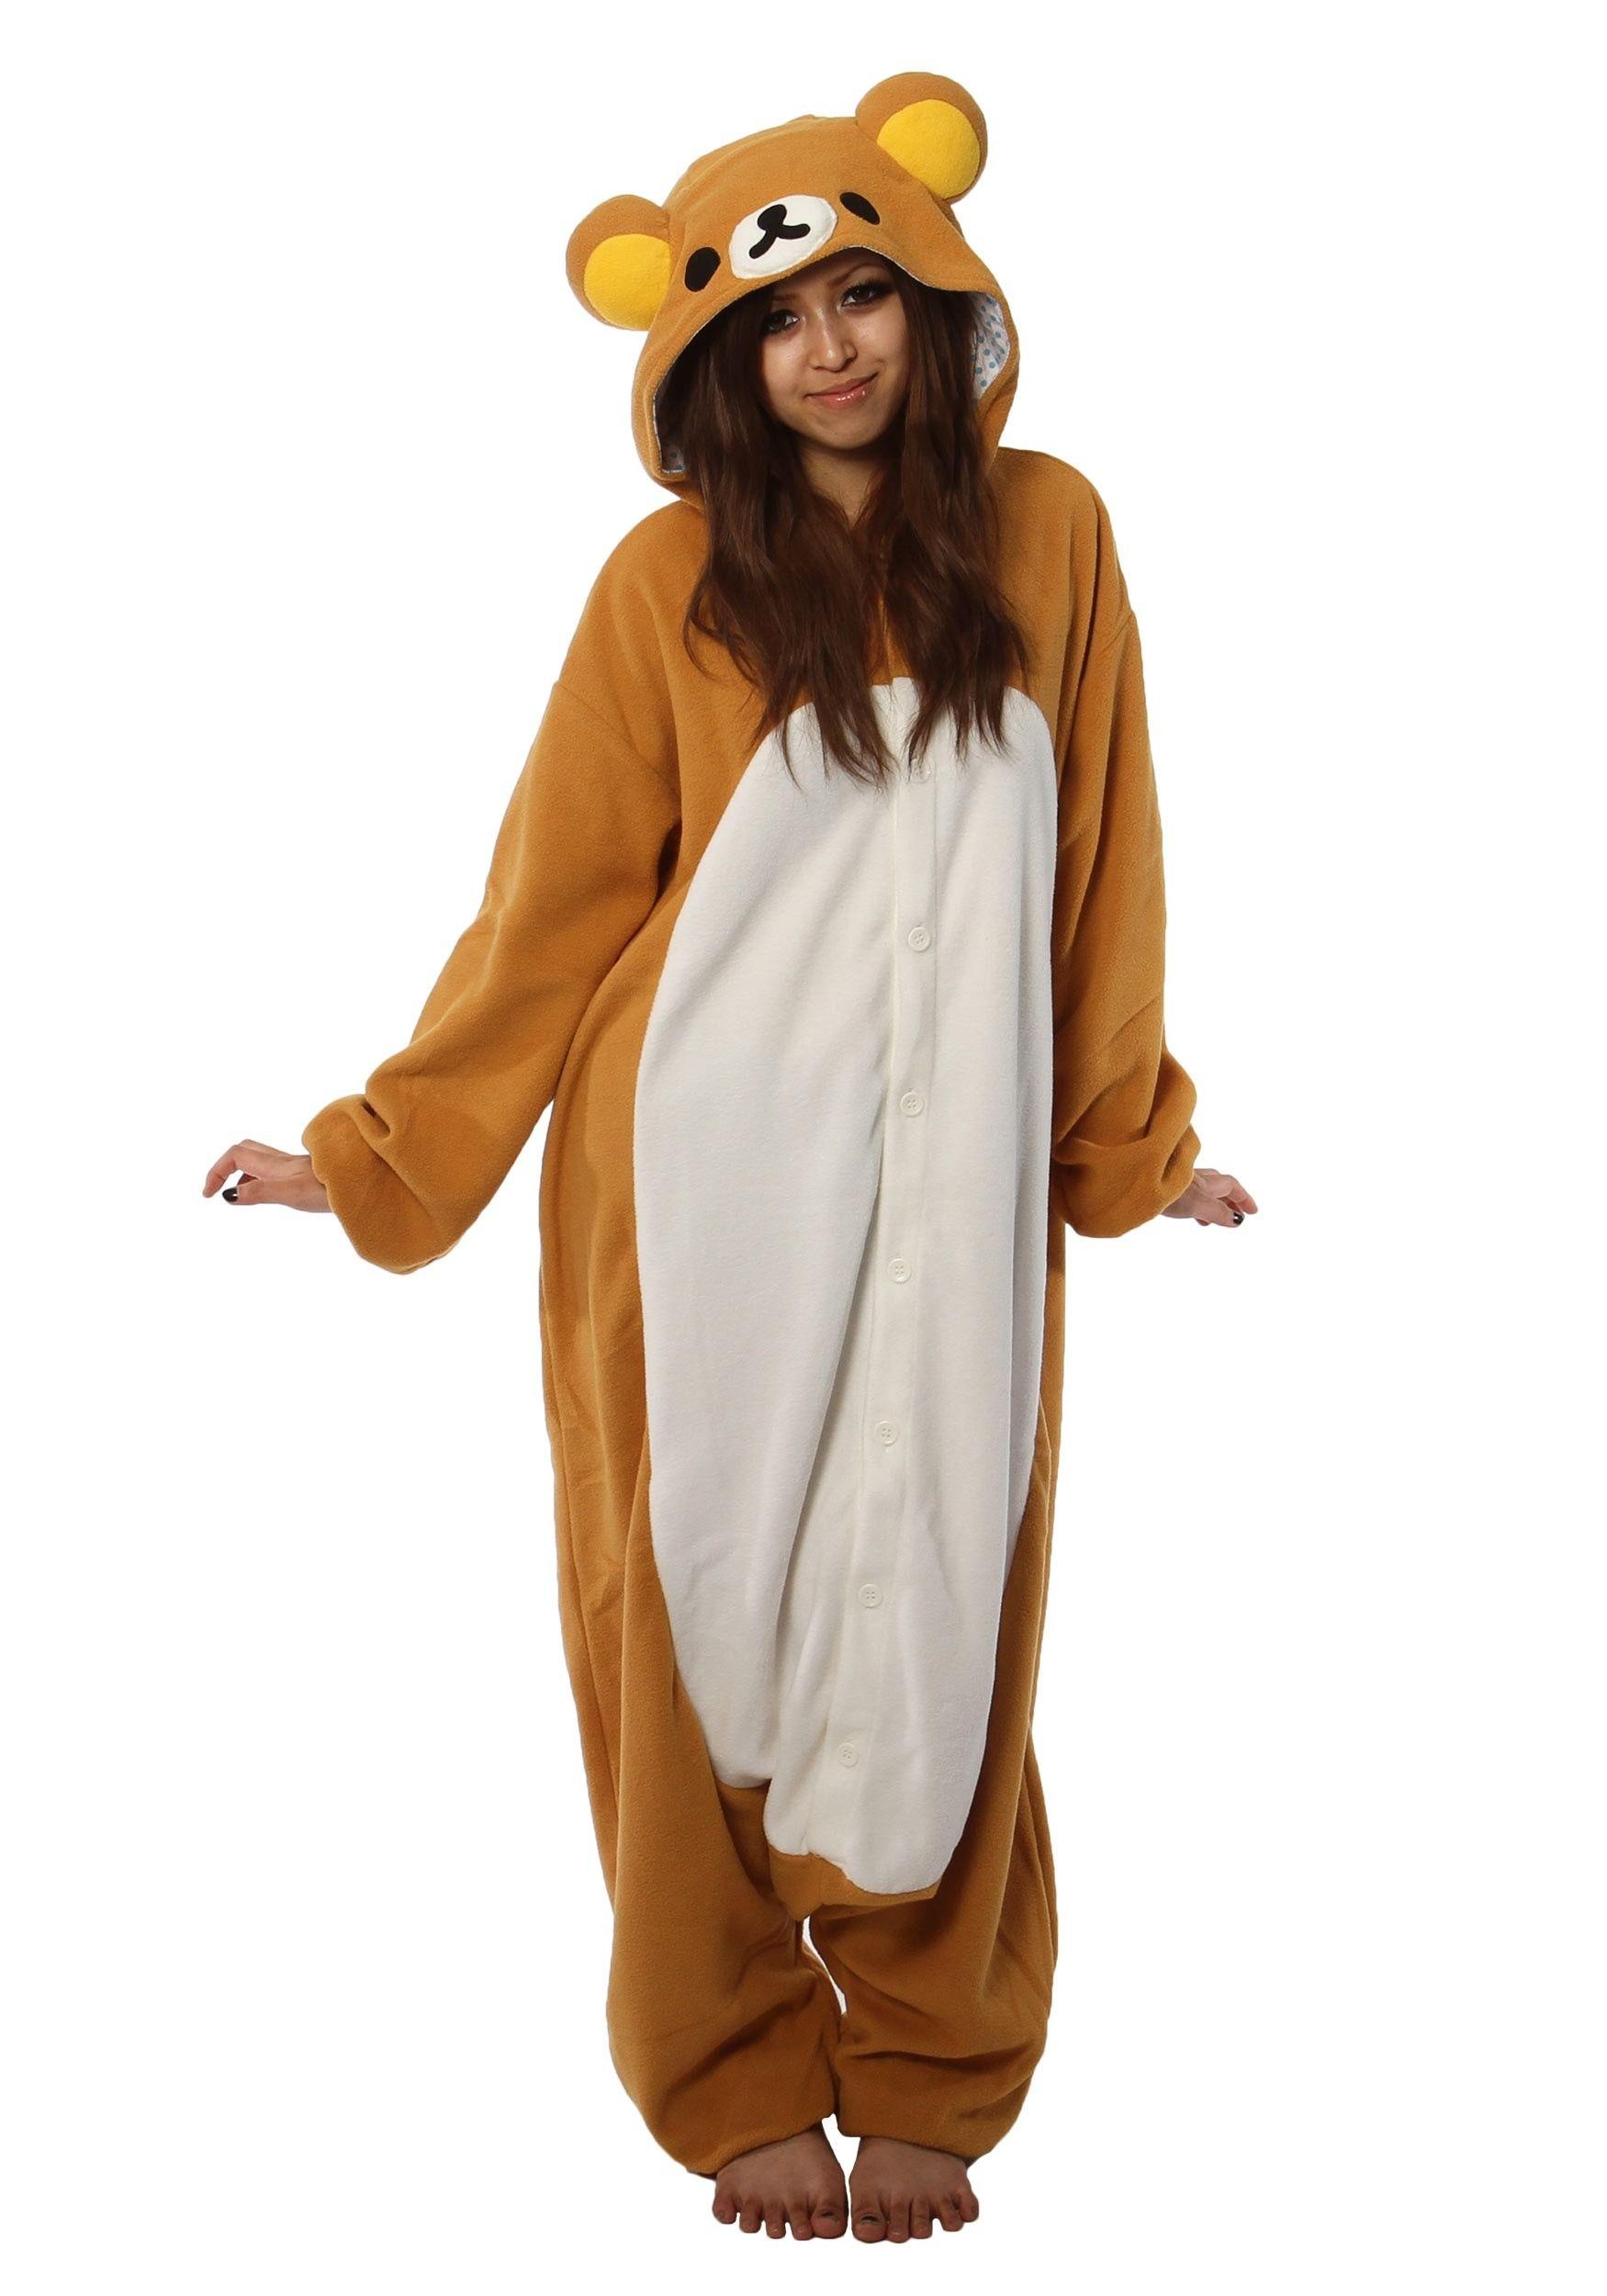 Adult rilakkuma kigurumi pajama costume costumes